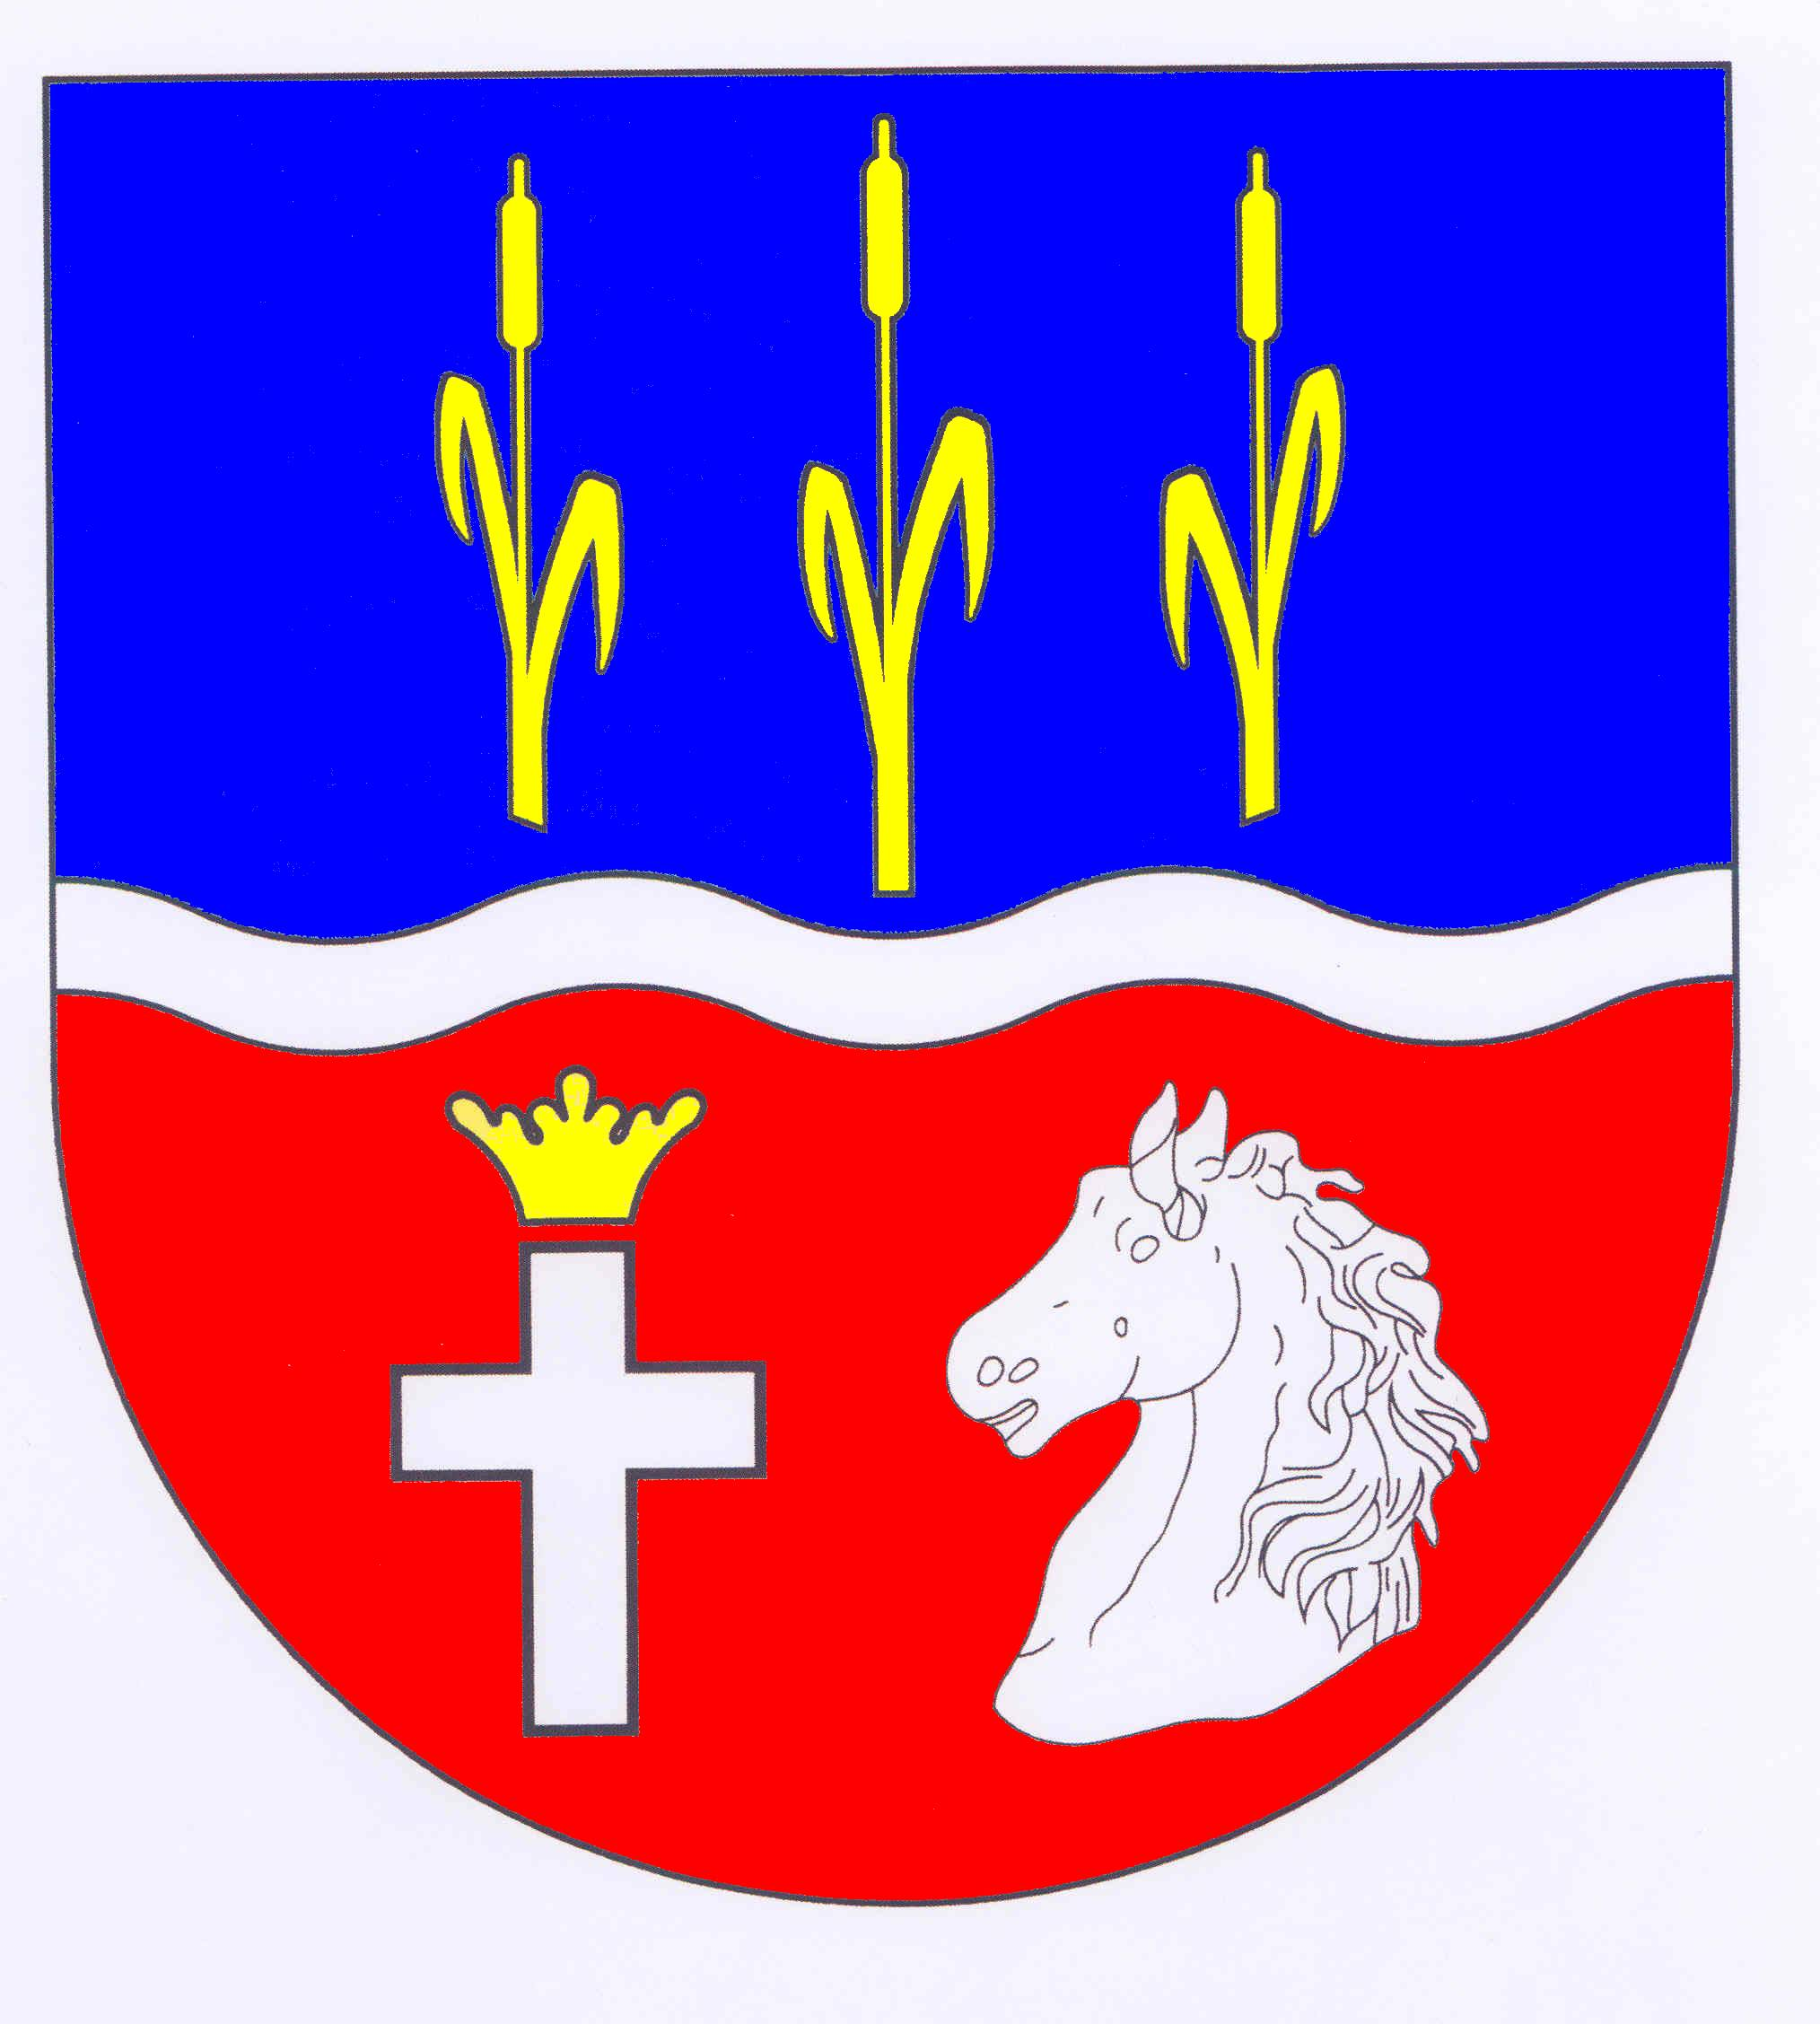 Wappen GemeindeZiethen, Kreis Herzogtum Lauenburg